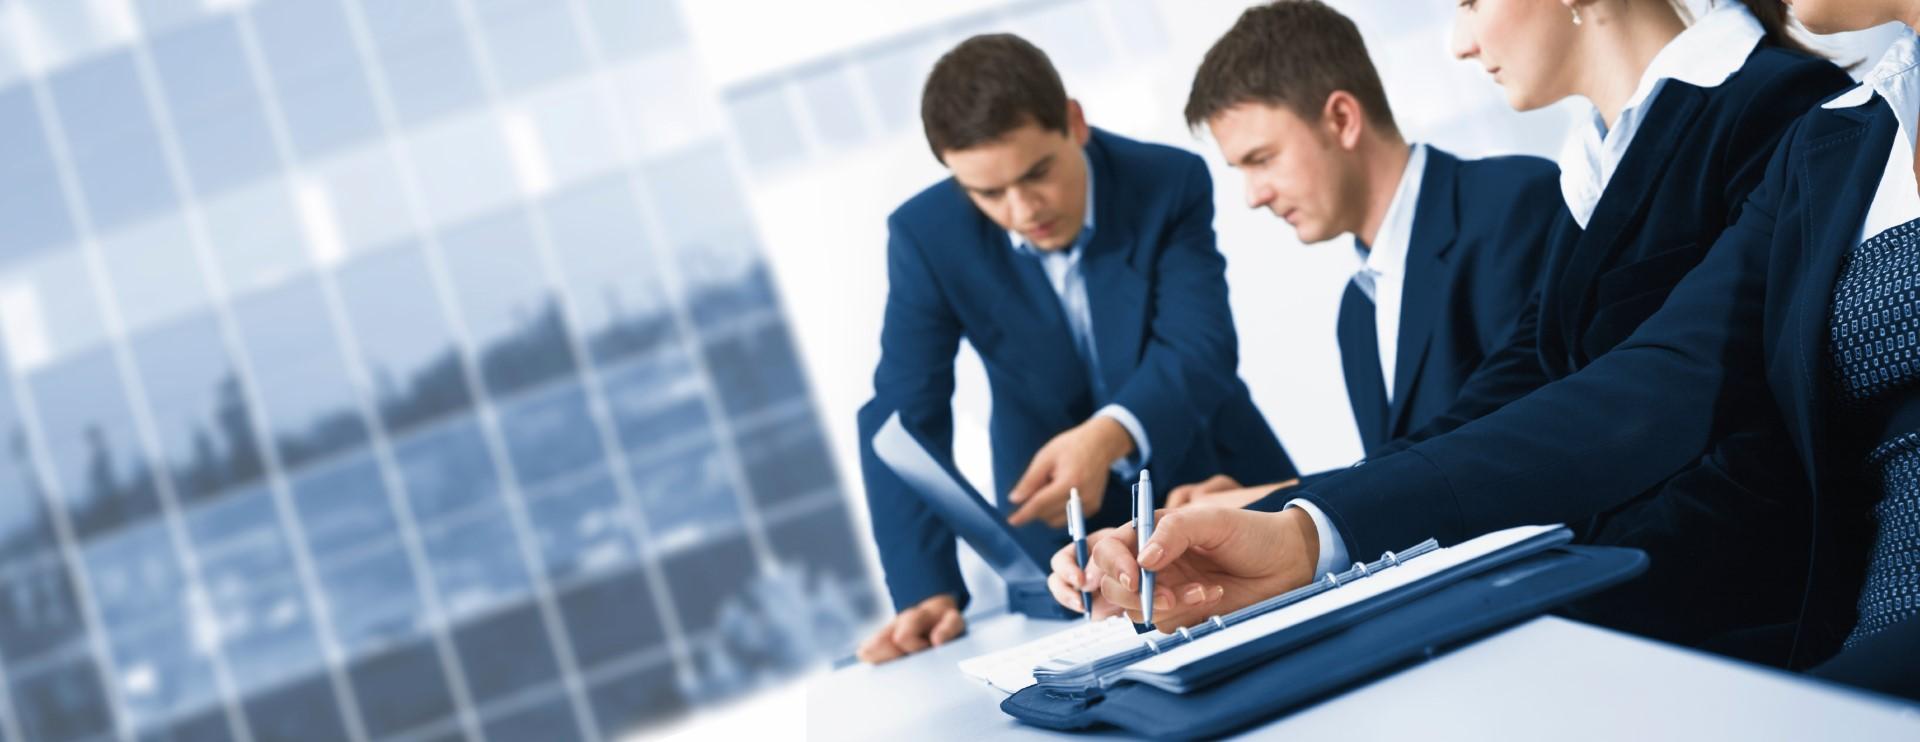 Formation à la gouvernance d'entreprise : bien choisir